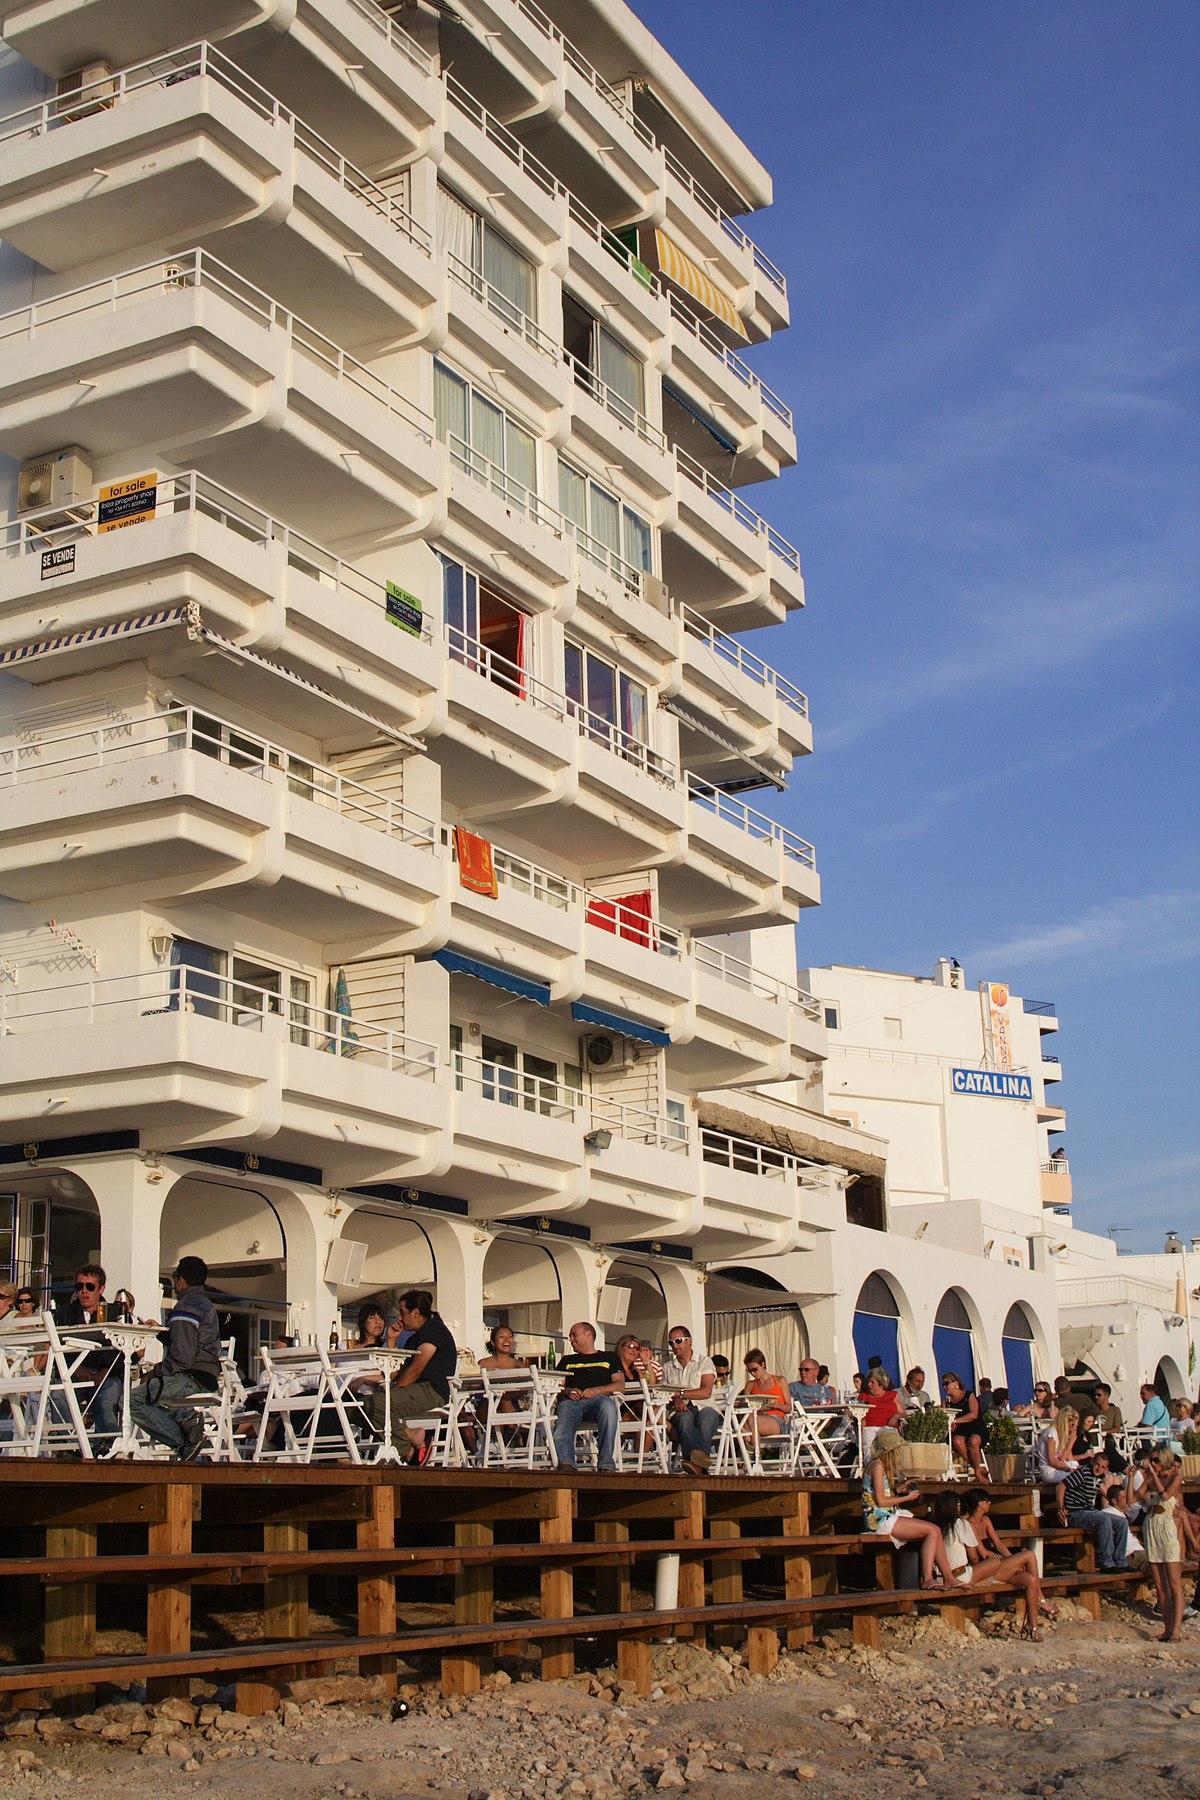 Cafe Del Mar Aria